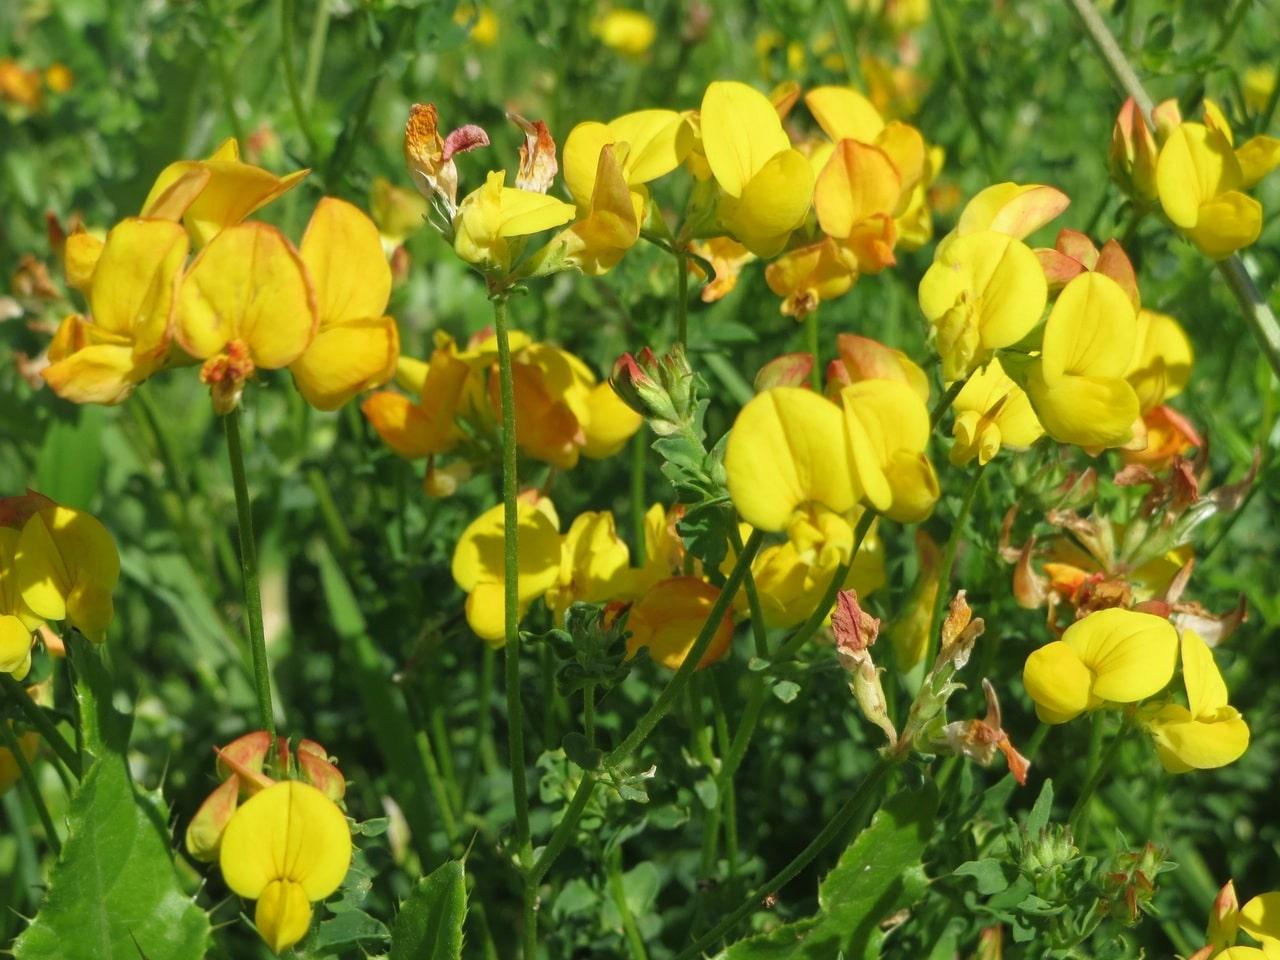 El Lotus corniculatus es una planta preciosa